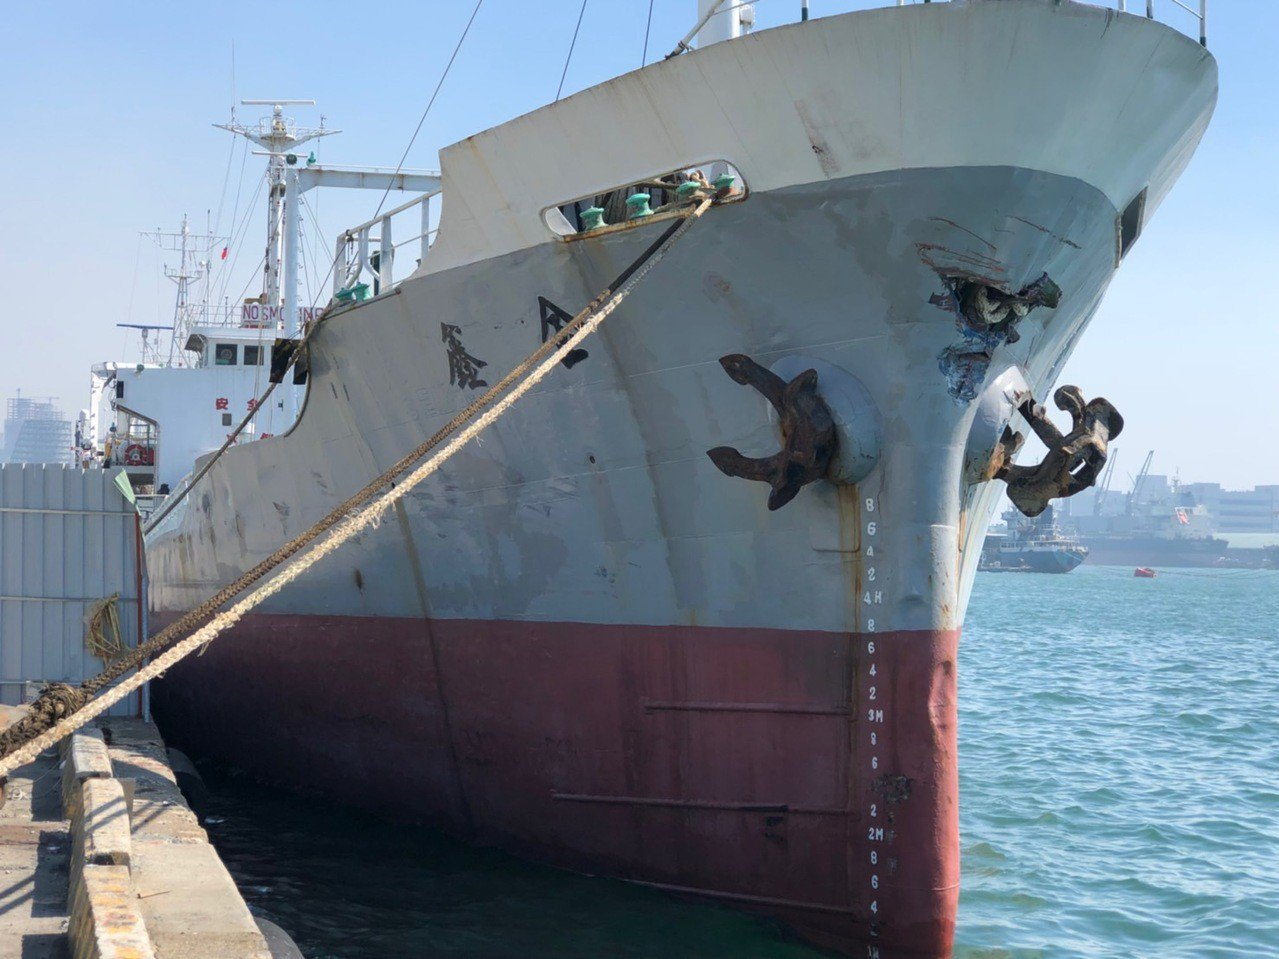 金鑫輪撞船後船艏出現明顯撞痕。記者林保光/翻攝